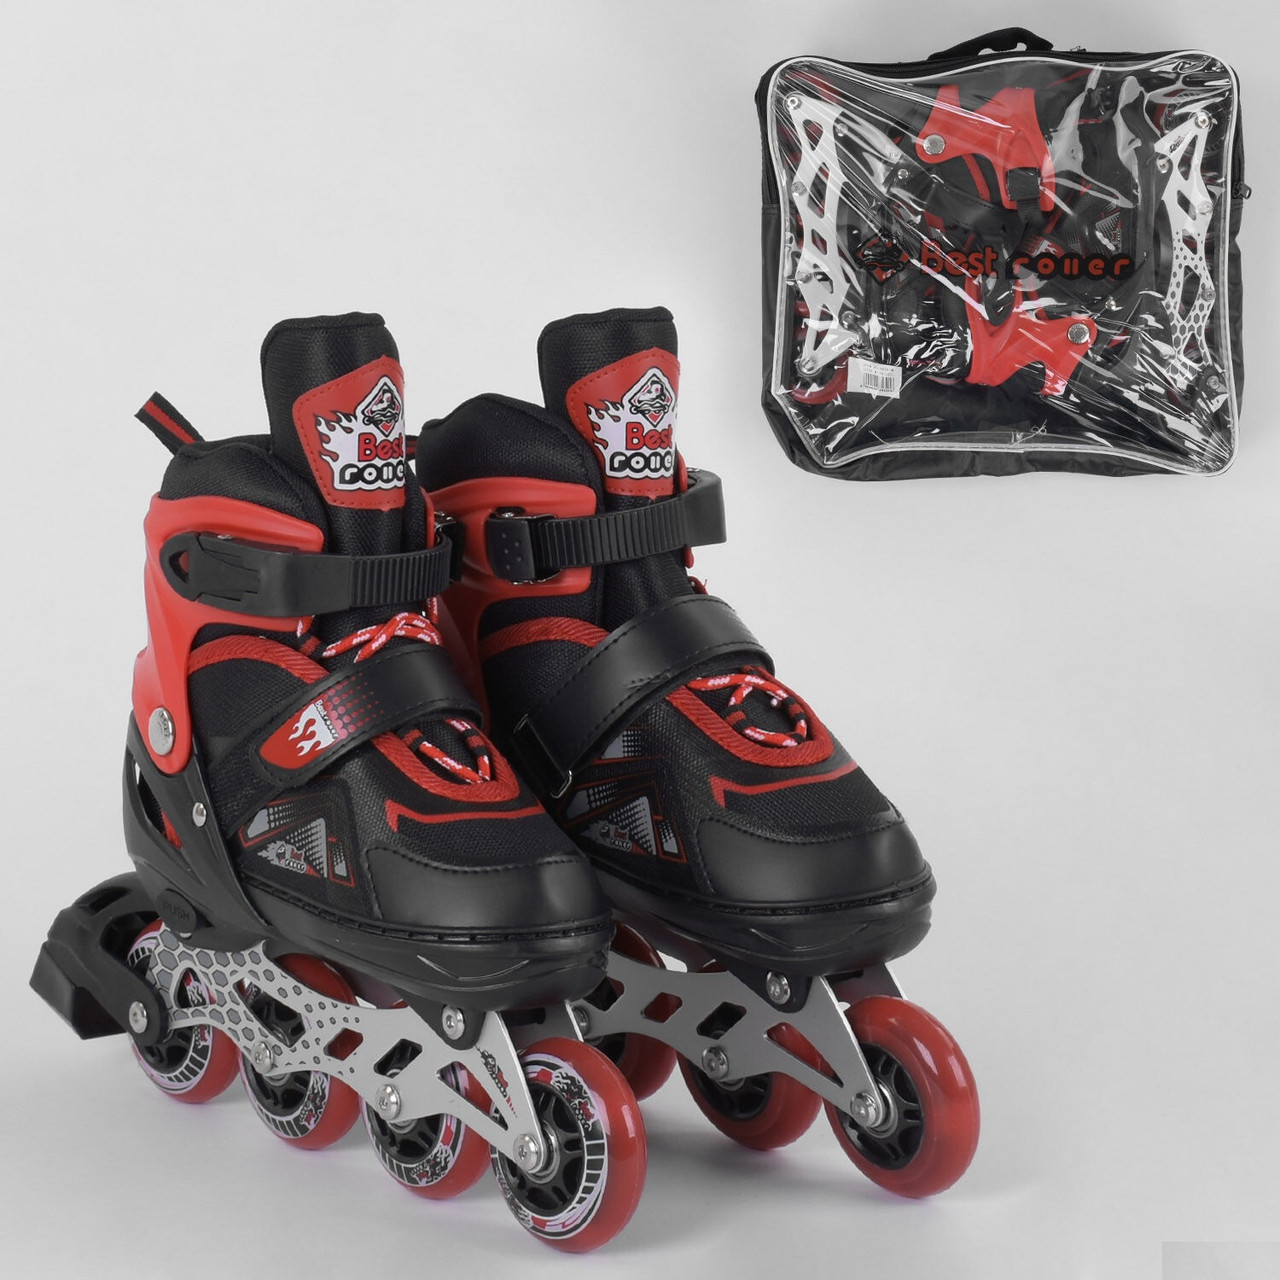 Ролики детские Best Roller 8655, размер 34-37, колёса PU, в сумке